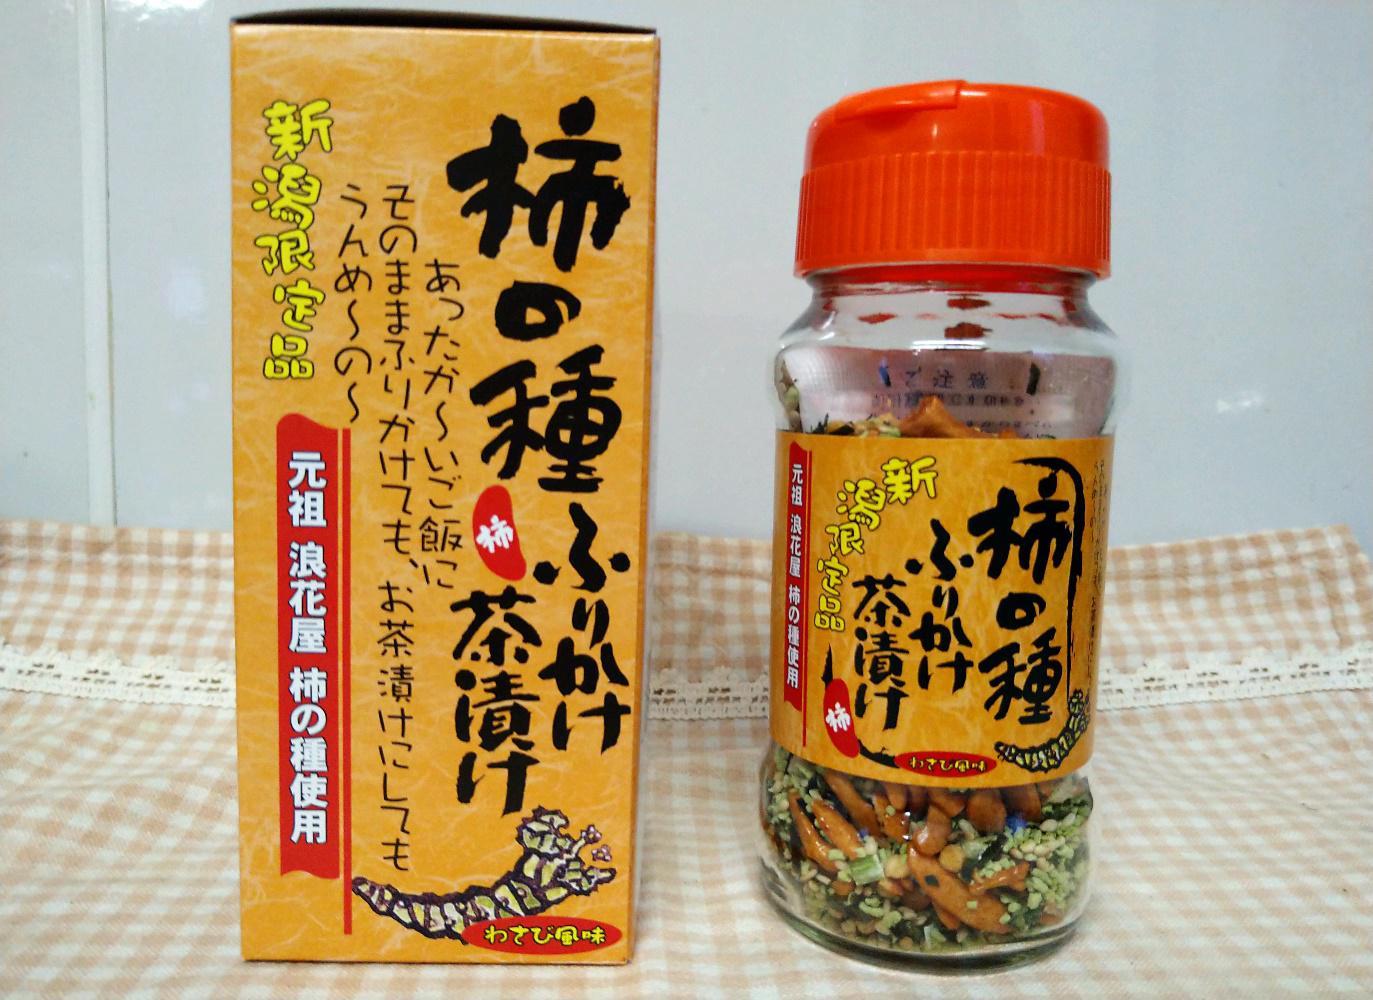 「柿の種ふりかけ茶漬け」って知っていますか? 新潟県民がレビューします。